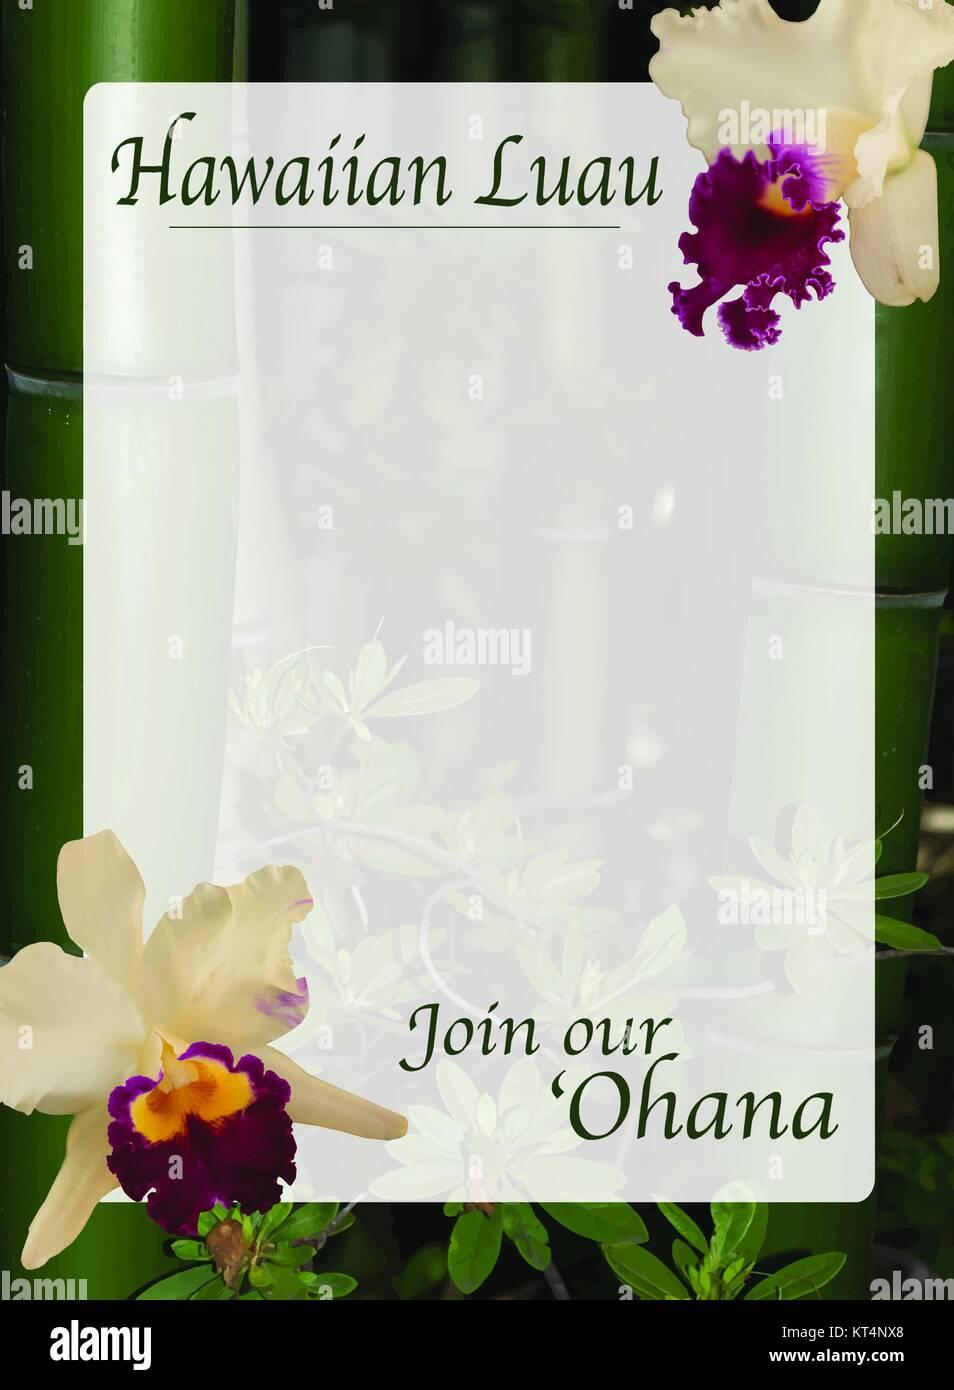 Hawaiian luau invitation illustrator template - Stock Image